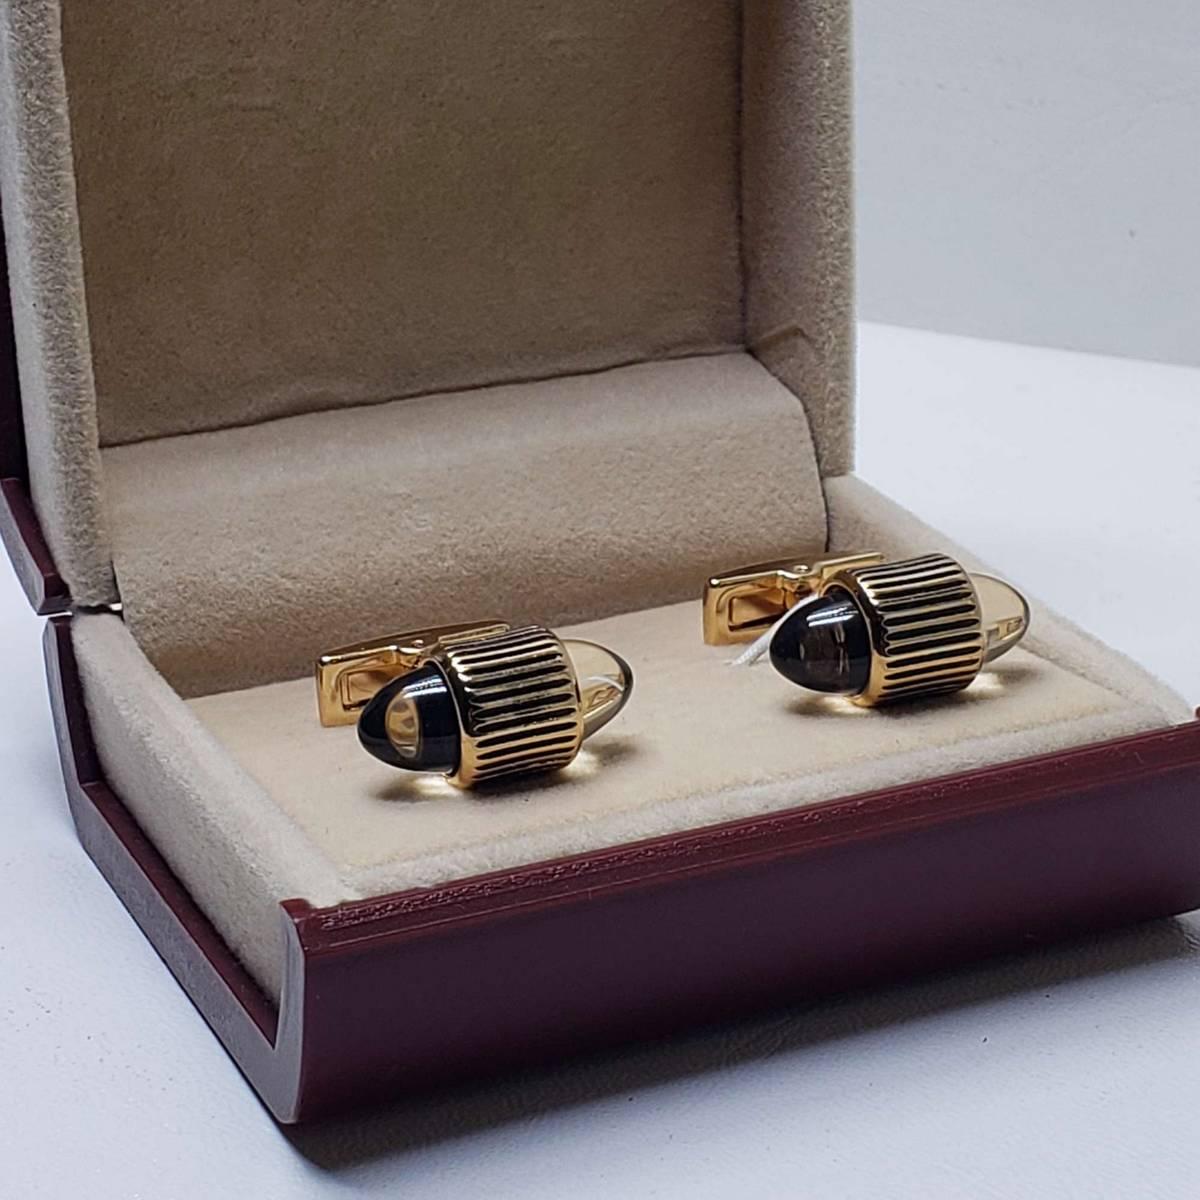 Fine quality cufflinks with box...